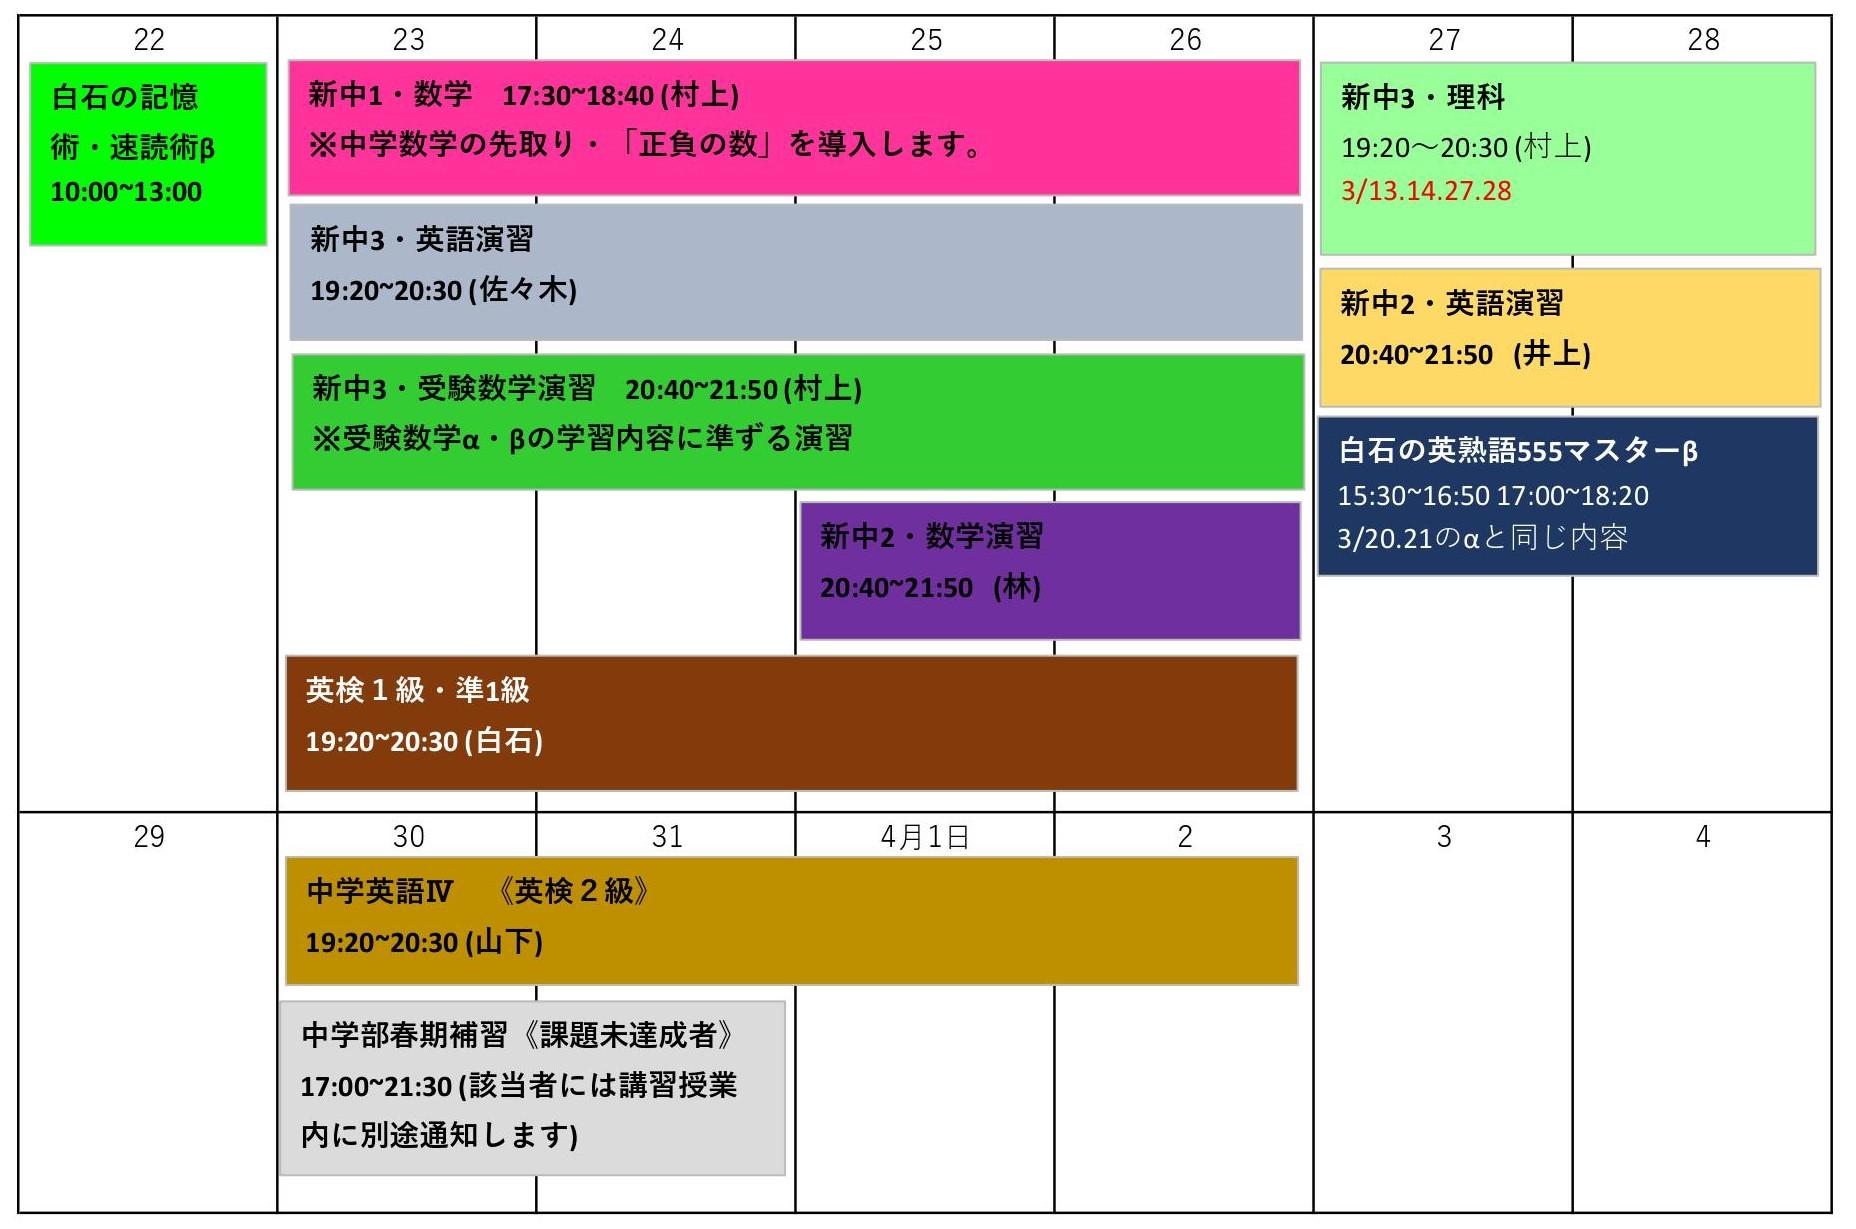 2020中学生春期講習予定表